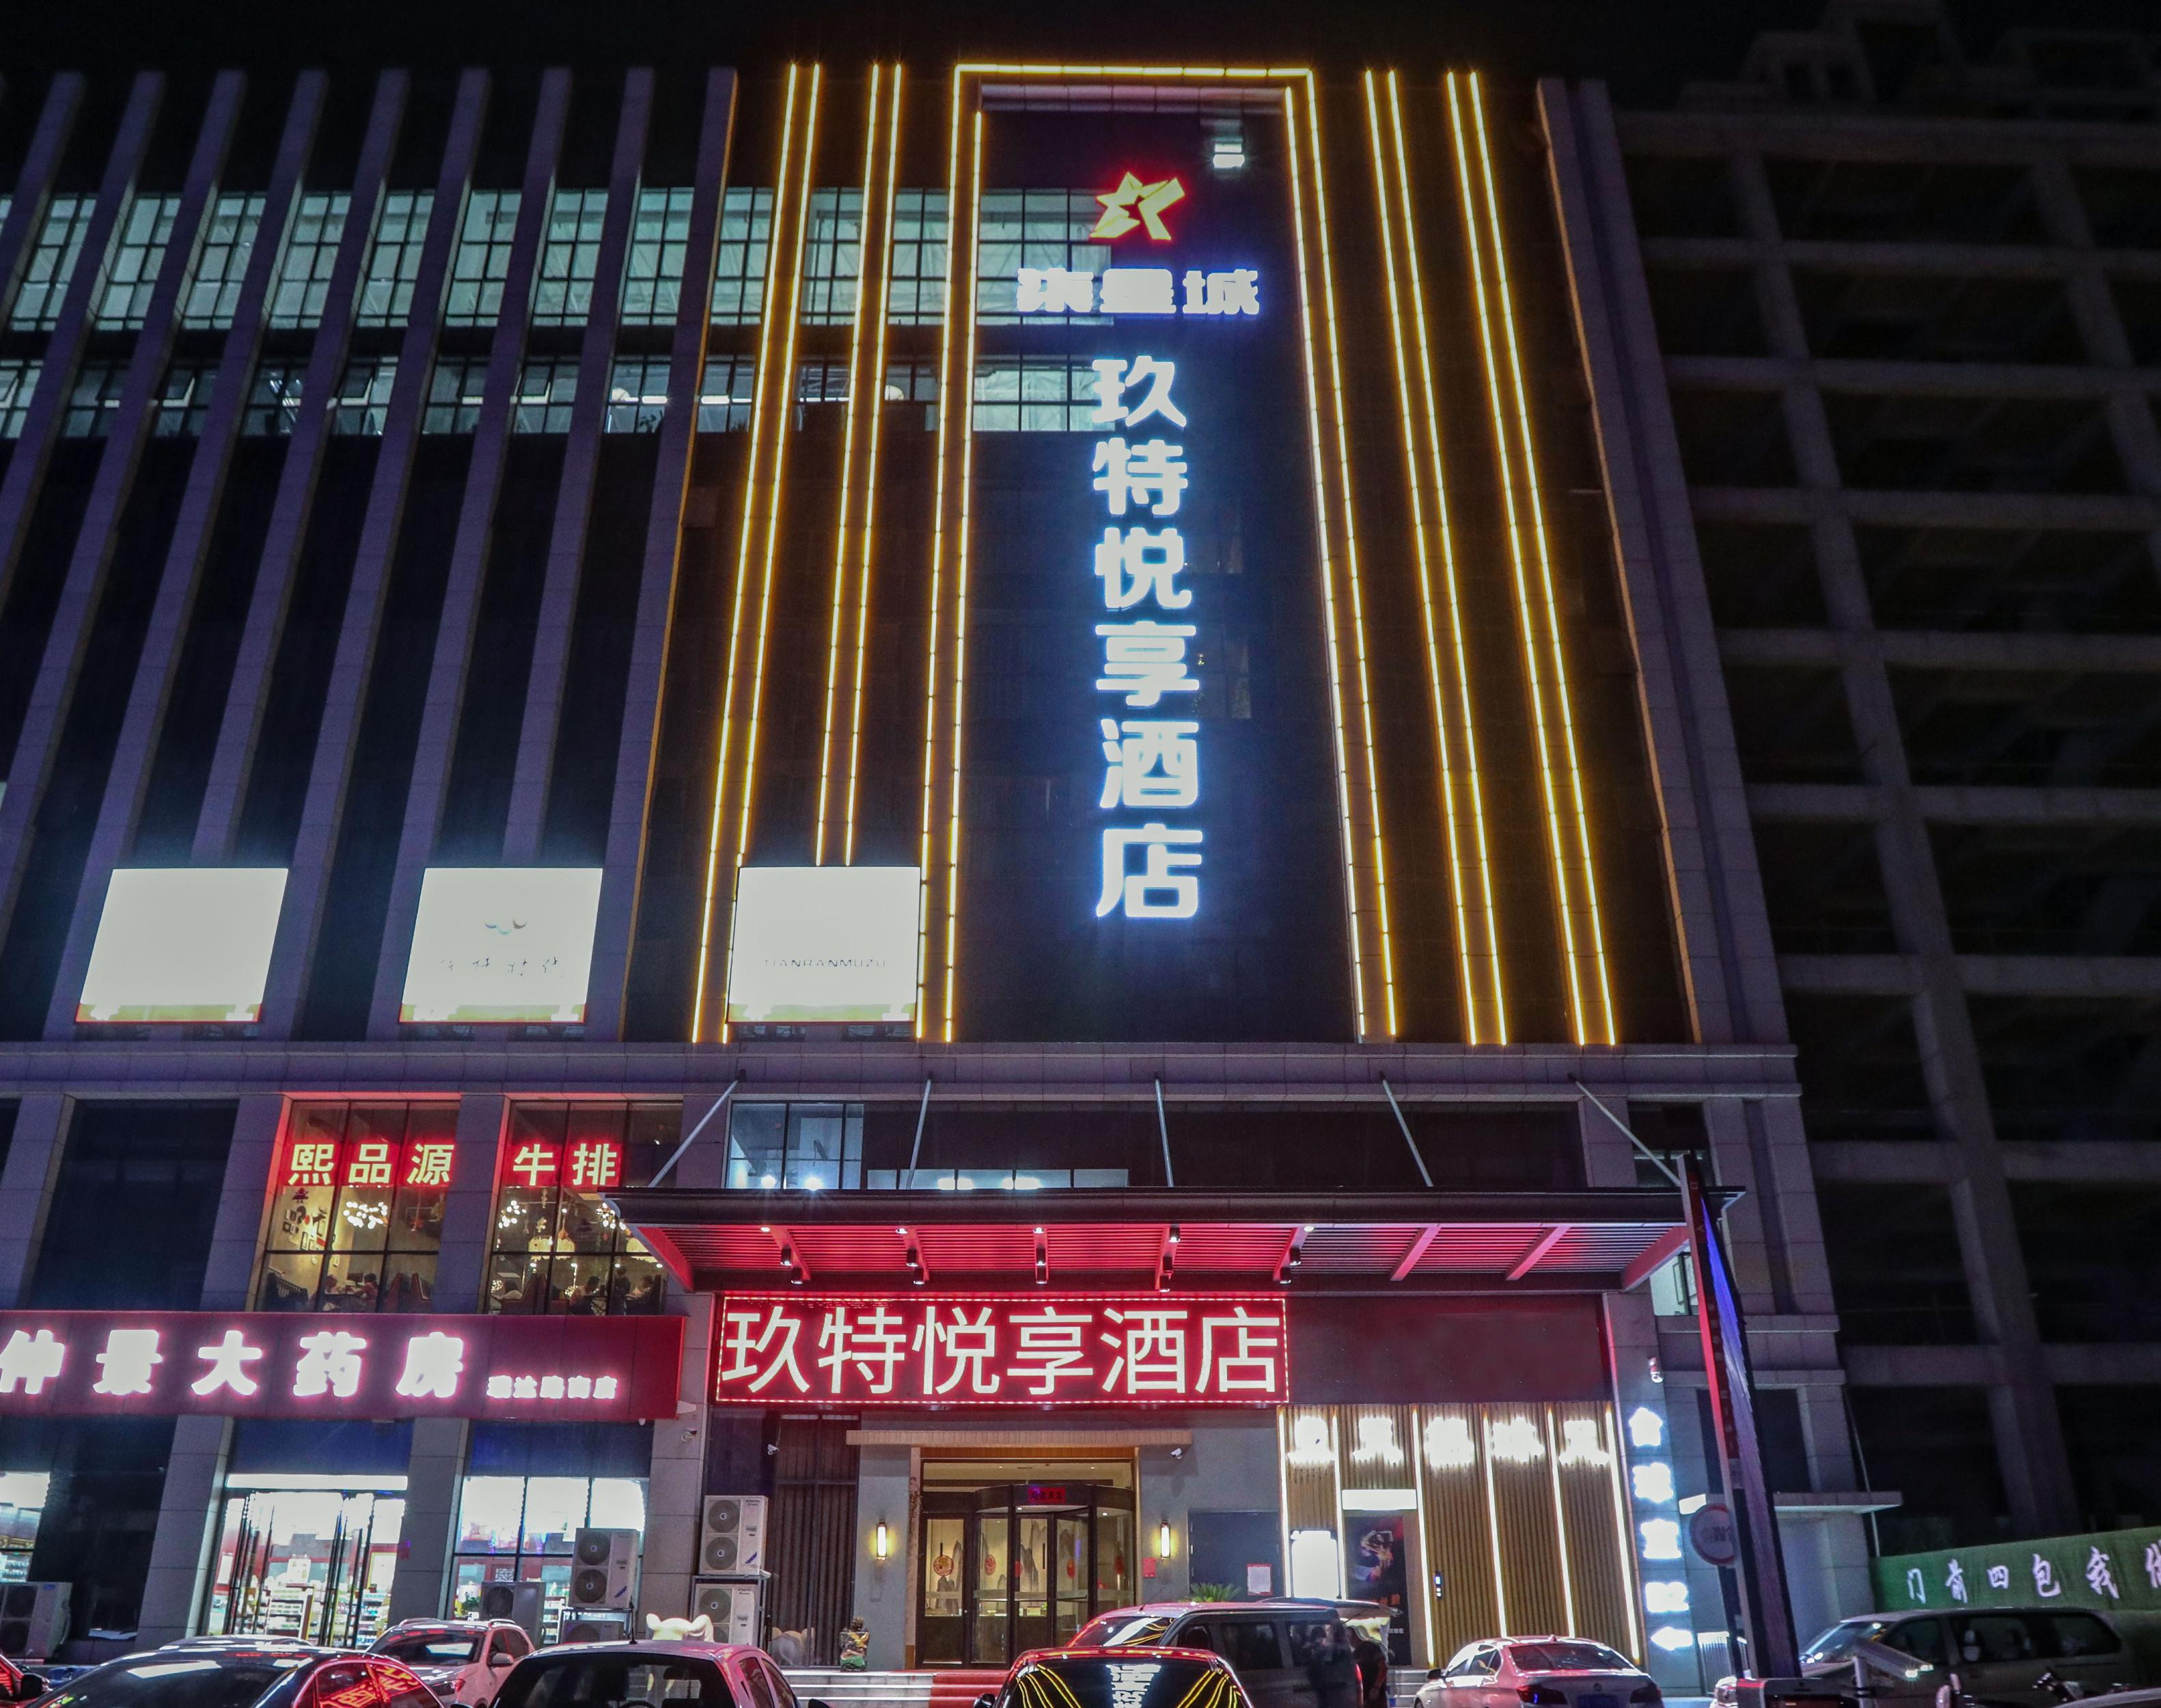 2019郑州玖特悦享酒店在哪里?郑州玖特悦享酒店具体地址